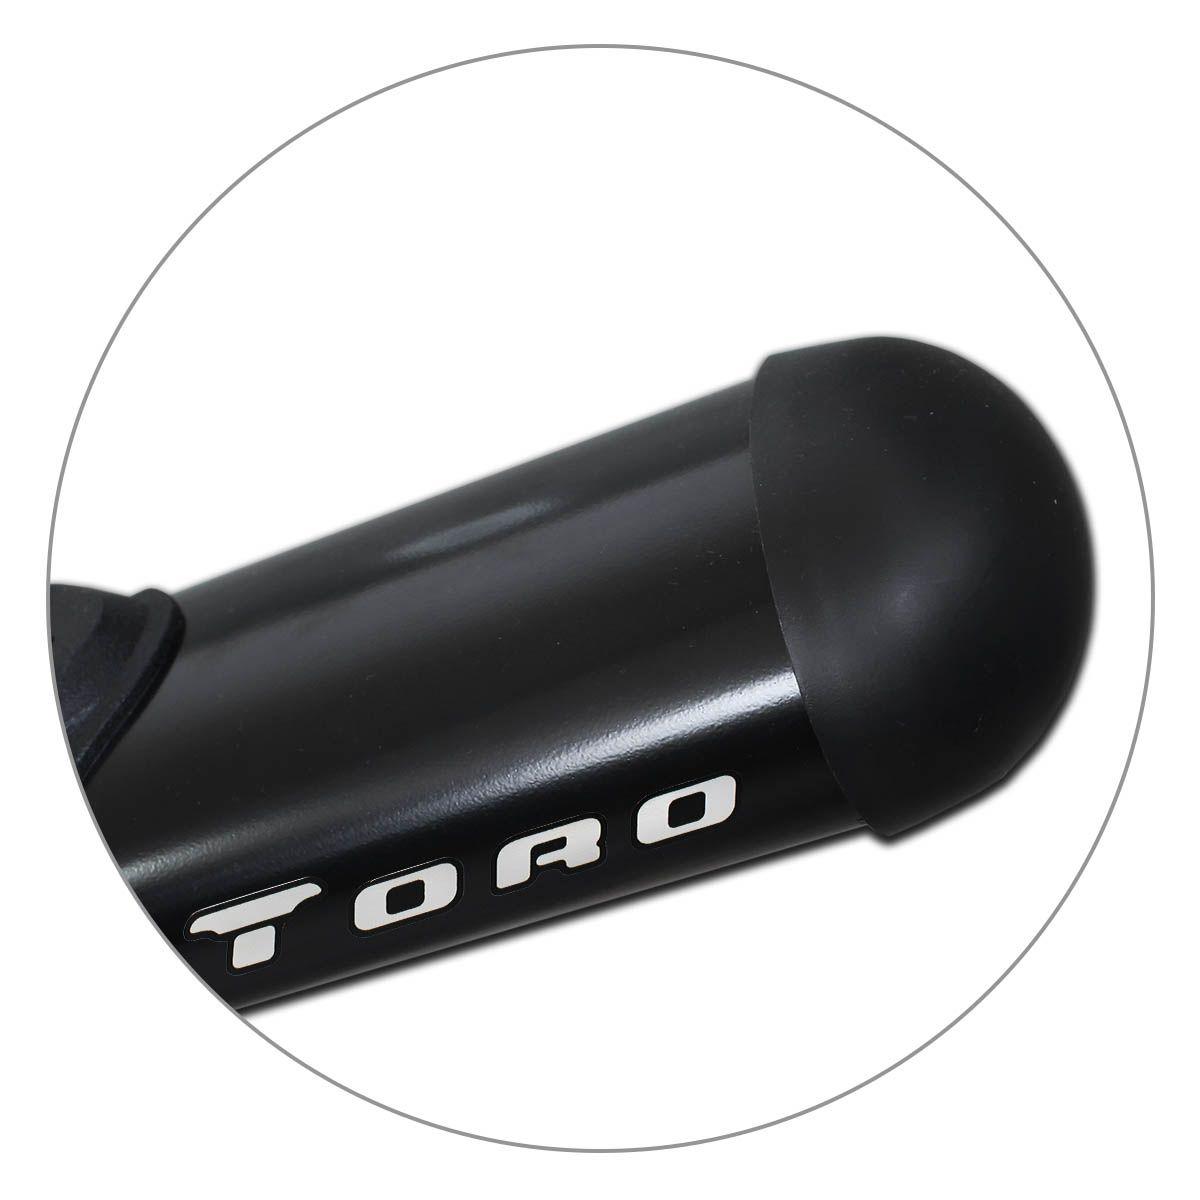 Estribo Lateral Fiat Toro 2016 a 2019 Oblongo Oval Preto